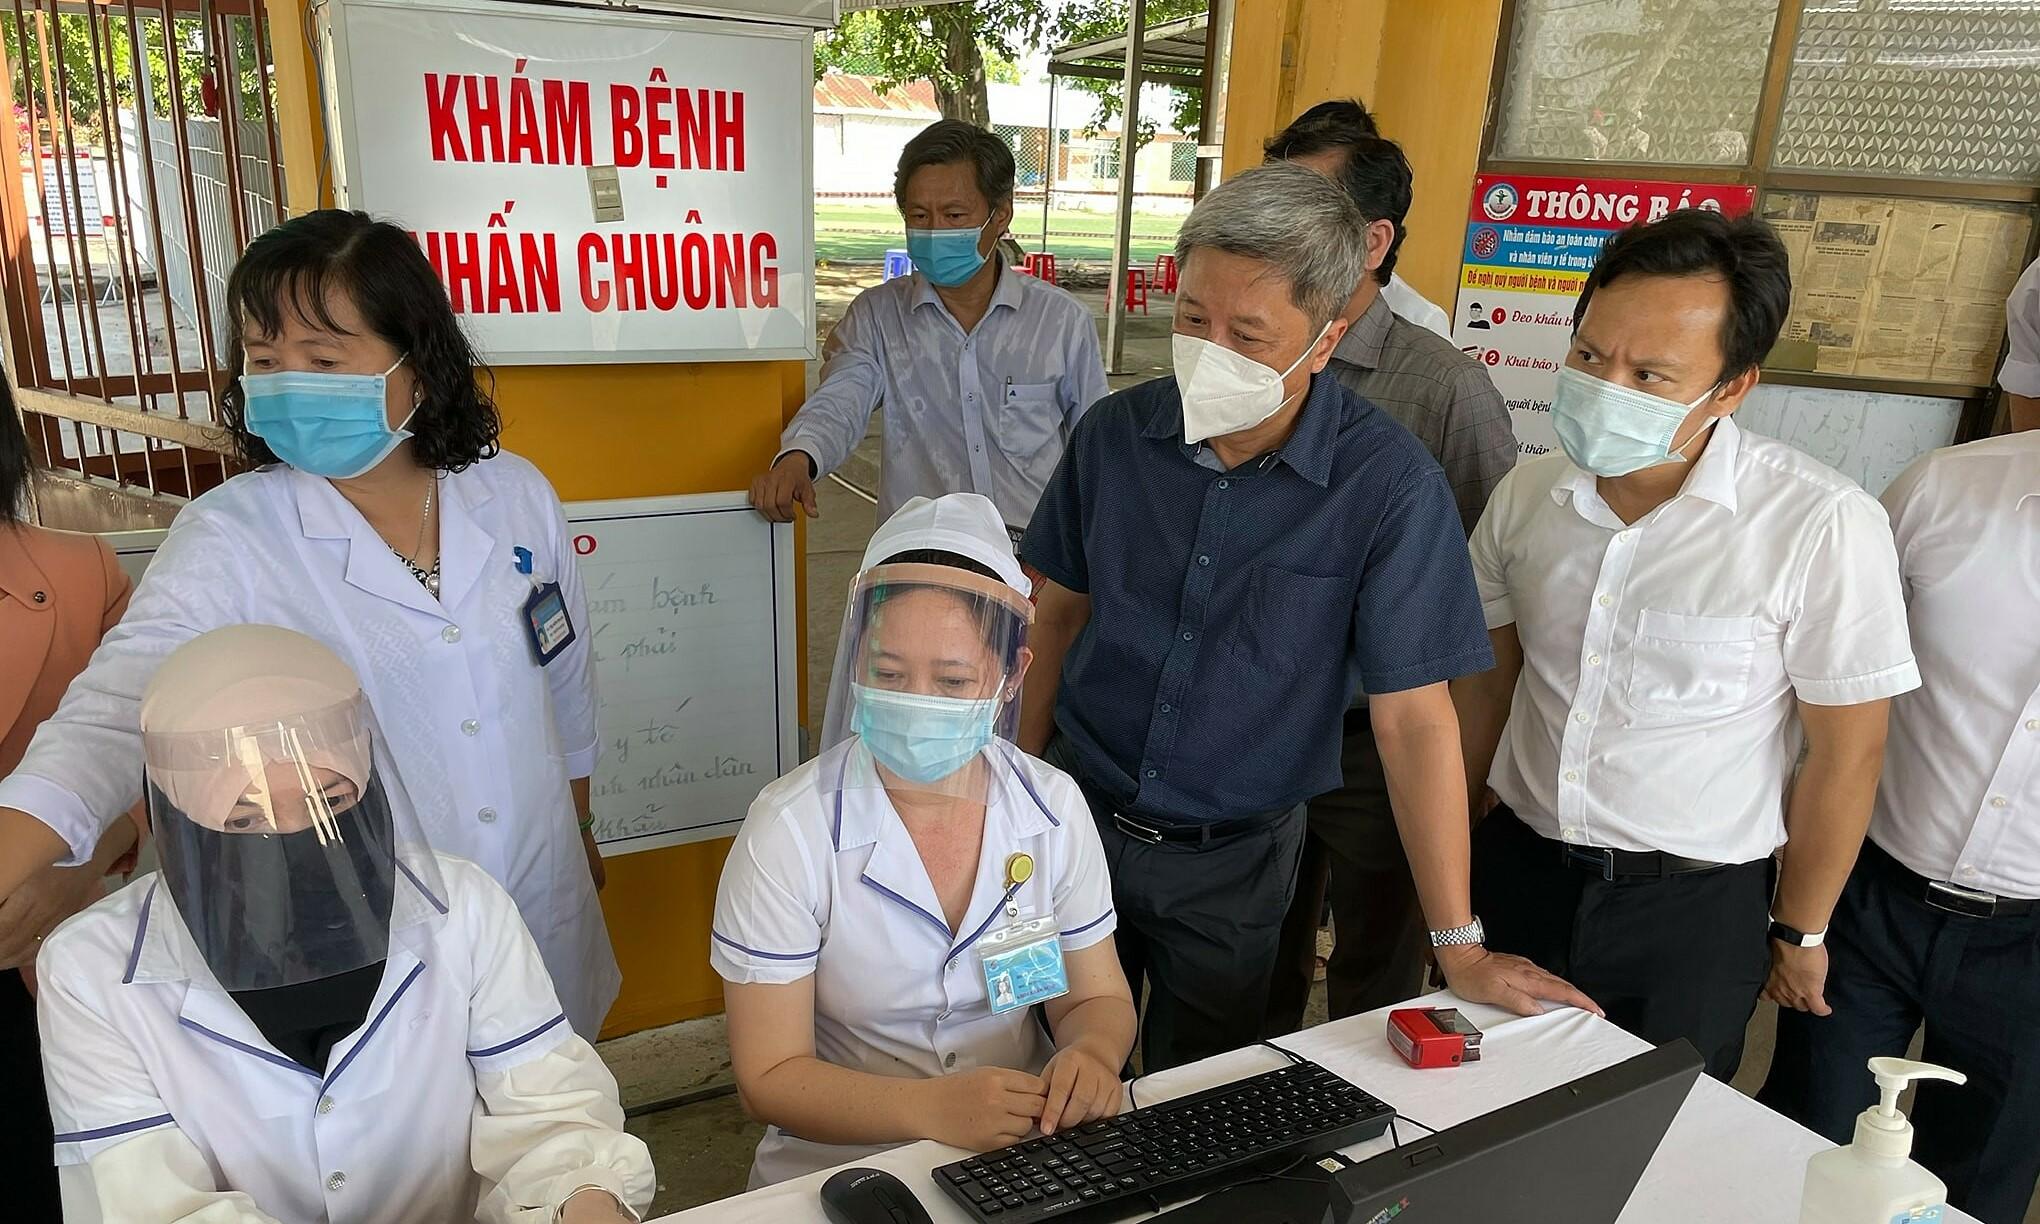 Ngày 26 tháng 4 năm 2021, Thứ trưởng Bộ Y tế Nguyễn Trung Sơn (2, R) kiểm tra các hoạt động liên quan đến công tác phòng chống bệnh Govt-19 tại khu vực biên giới thuộc tỉnh Qiang.  Ảnh của VnExpress / Tuấn Dũng